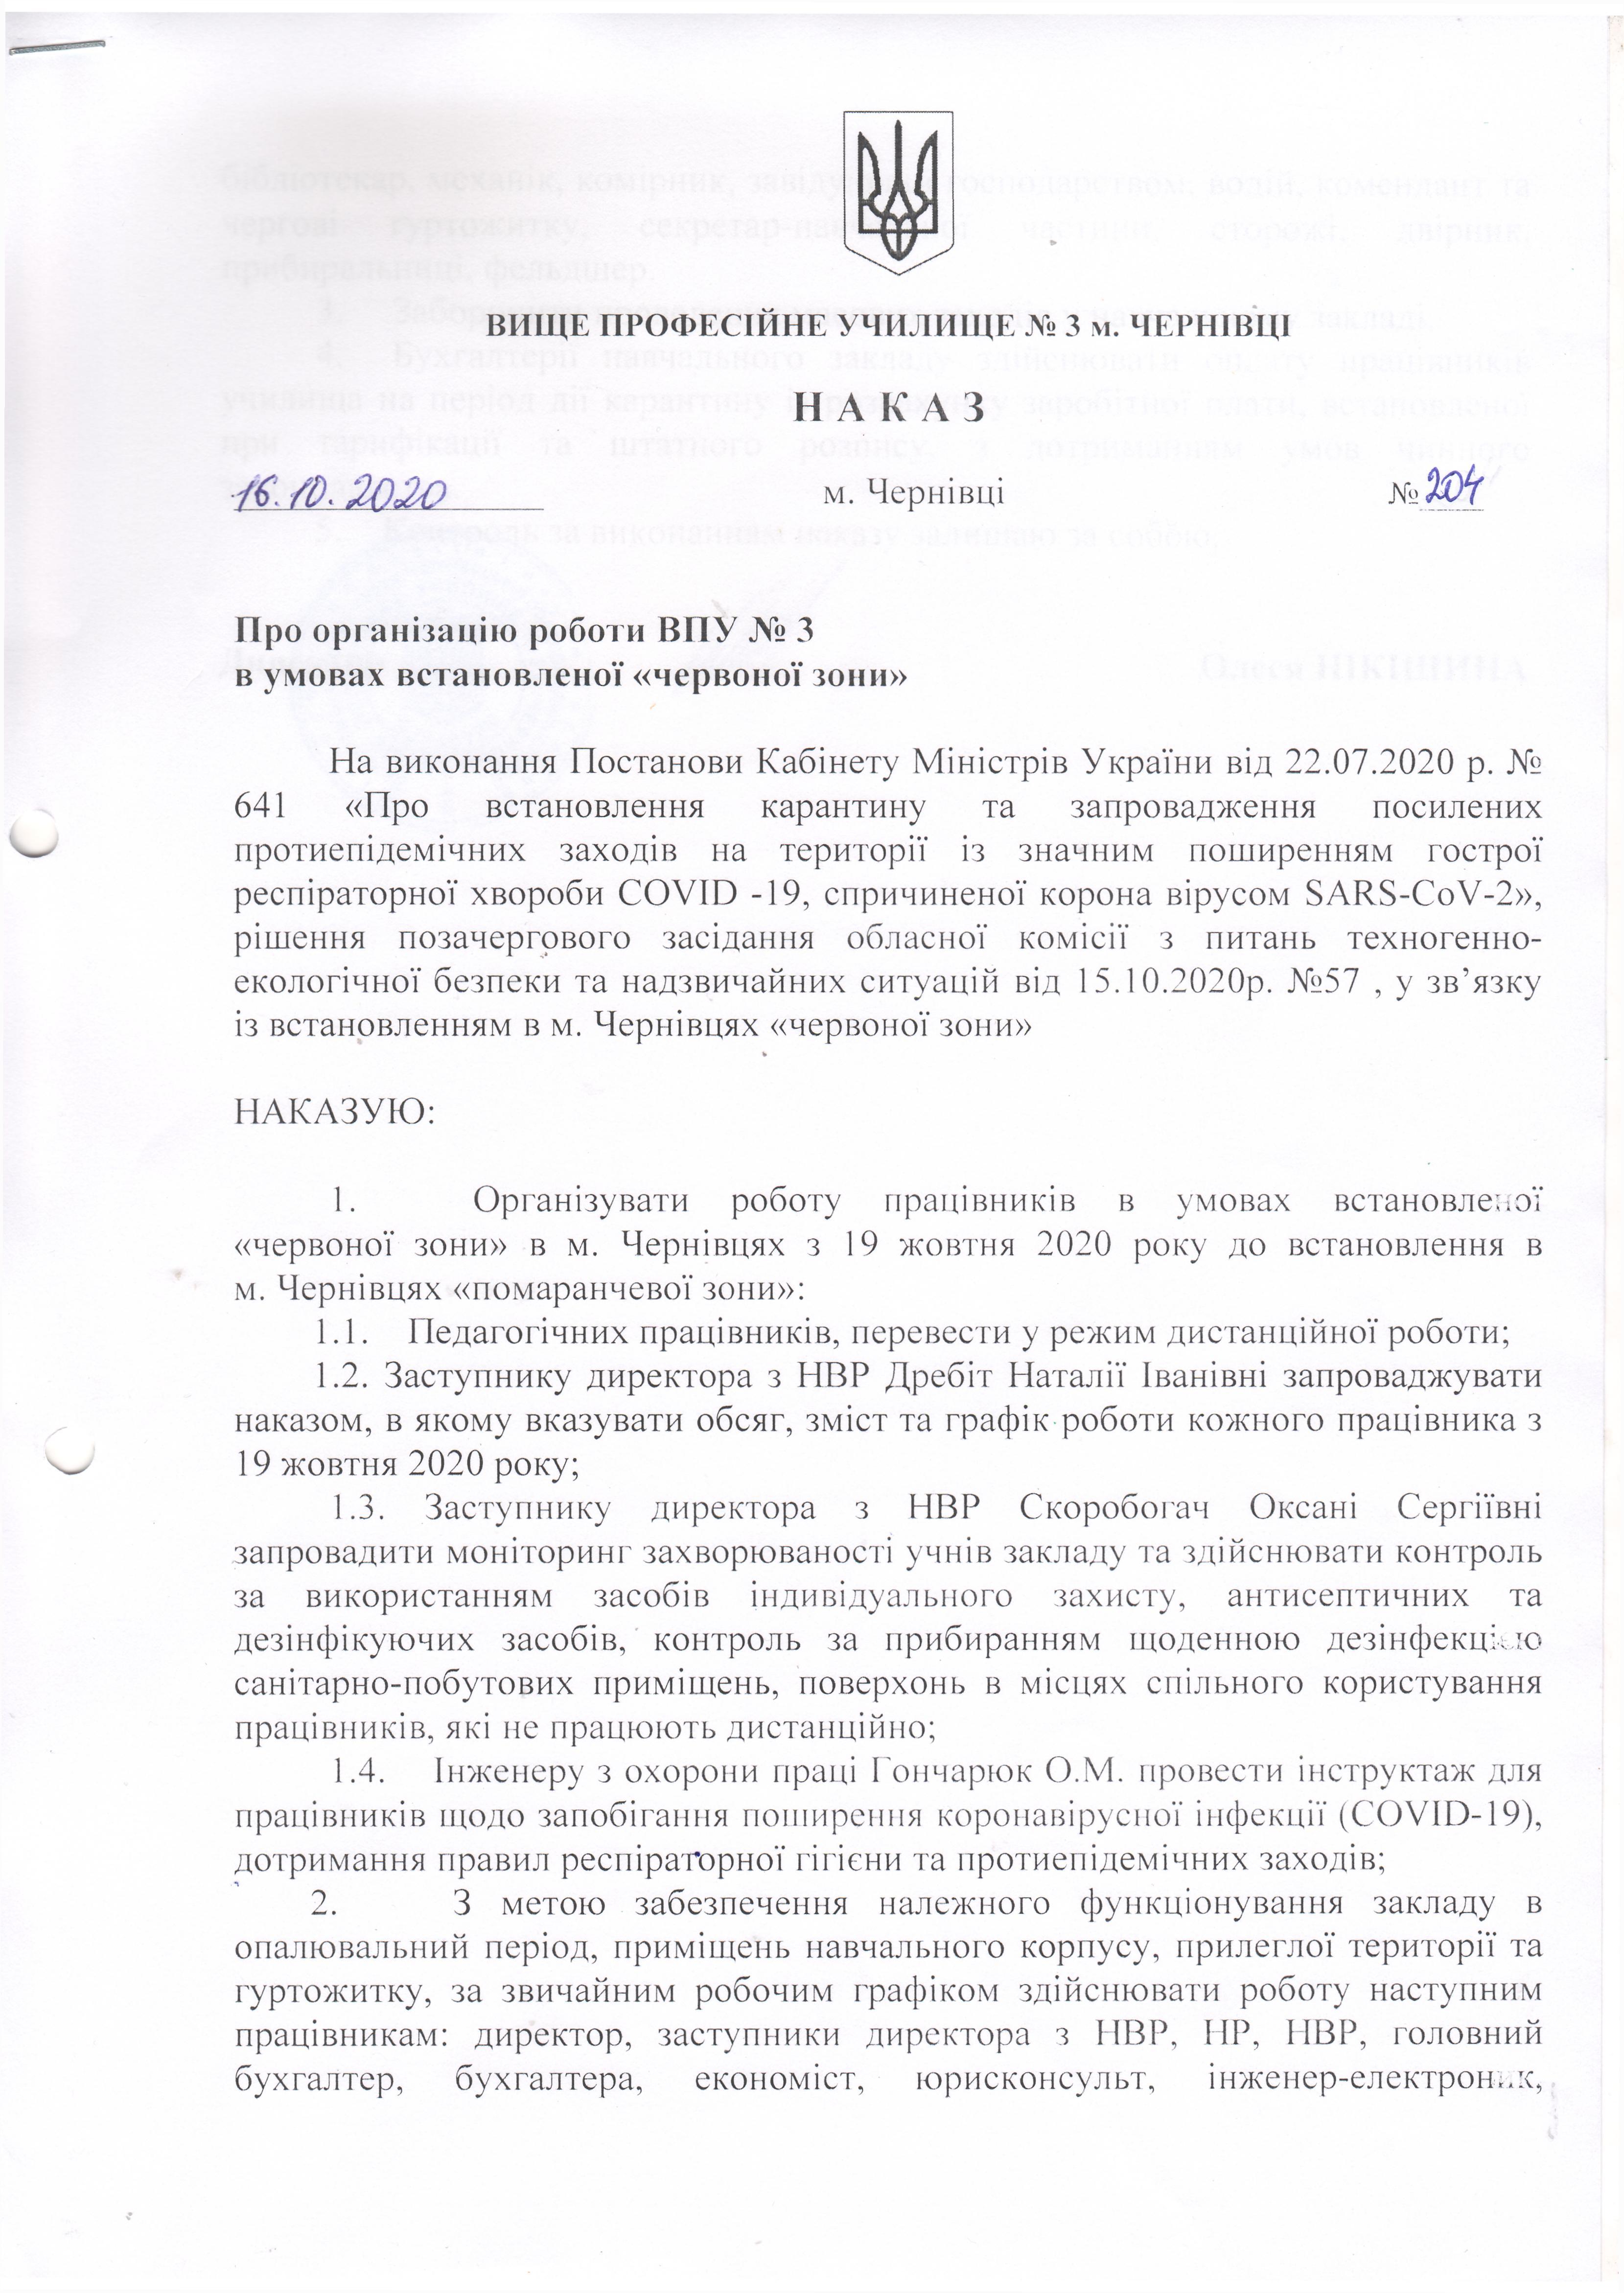 nakaz-16-10-2020